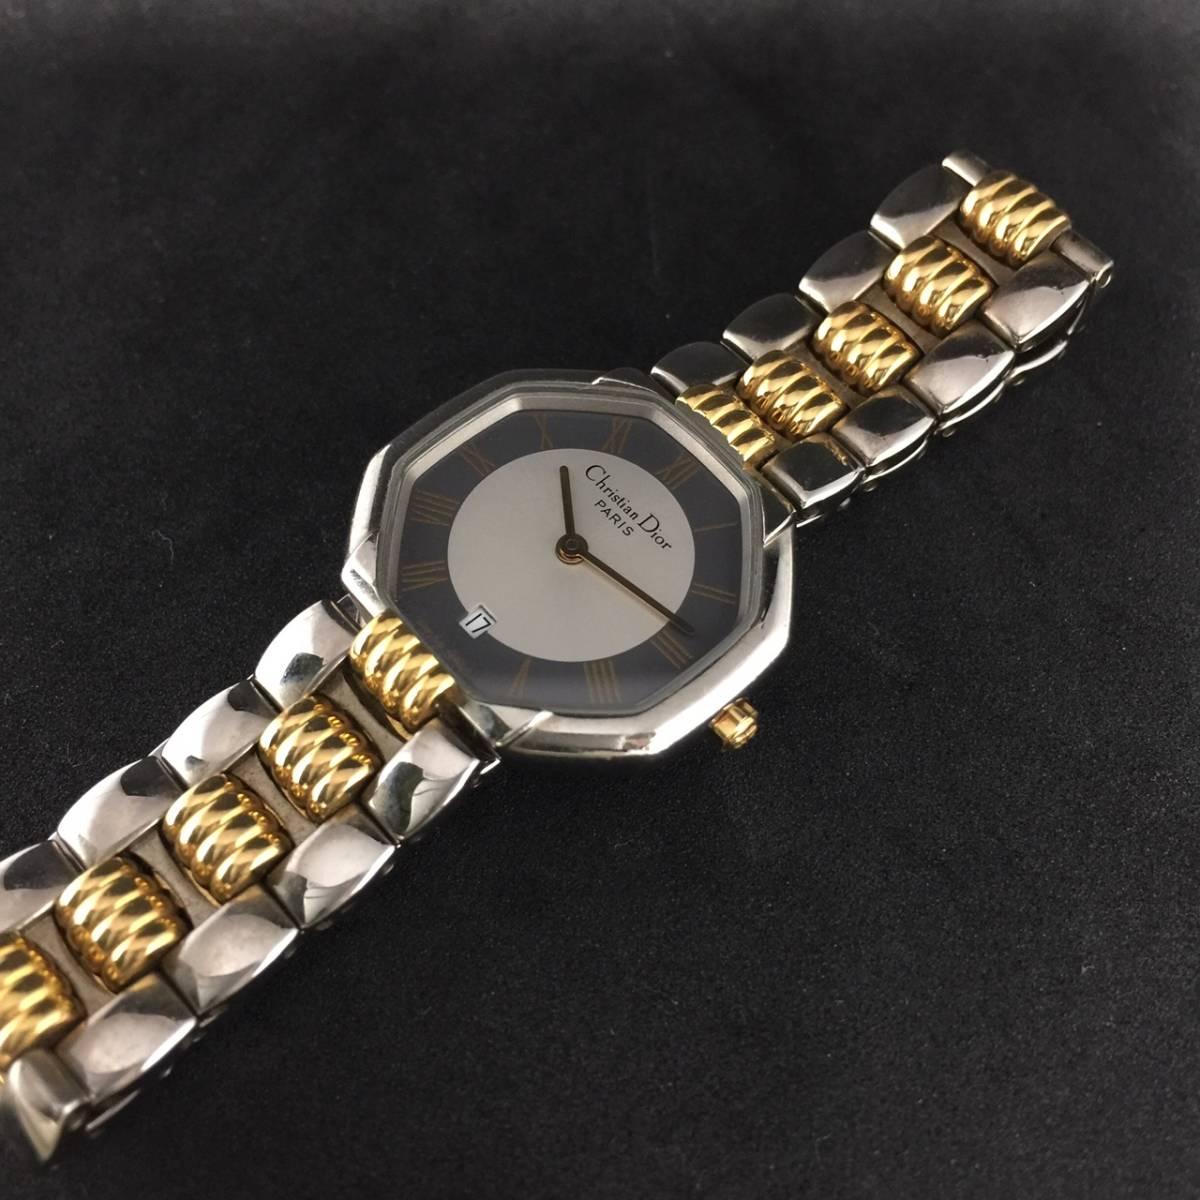 【1円~】Christian Dior クリスチャンディオール 腕時計 レディース D48-203 オクタゴン デイト コンビ 可動品_画像4